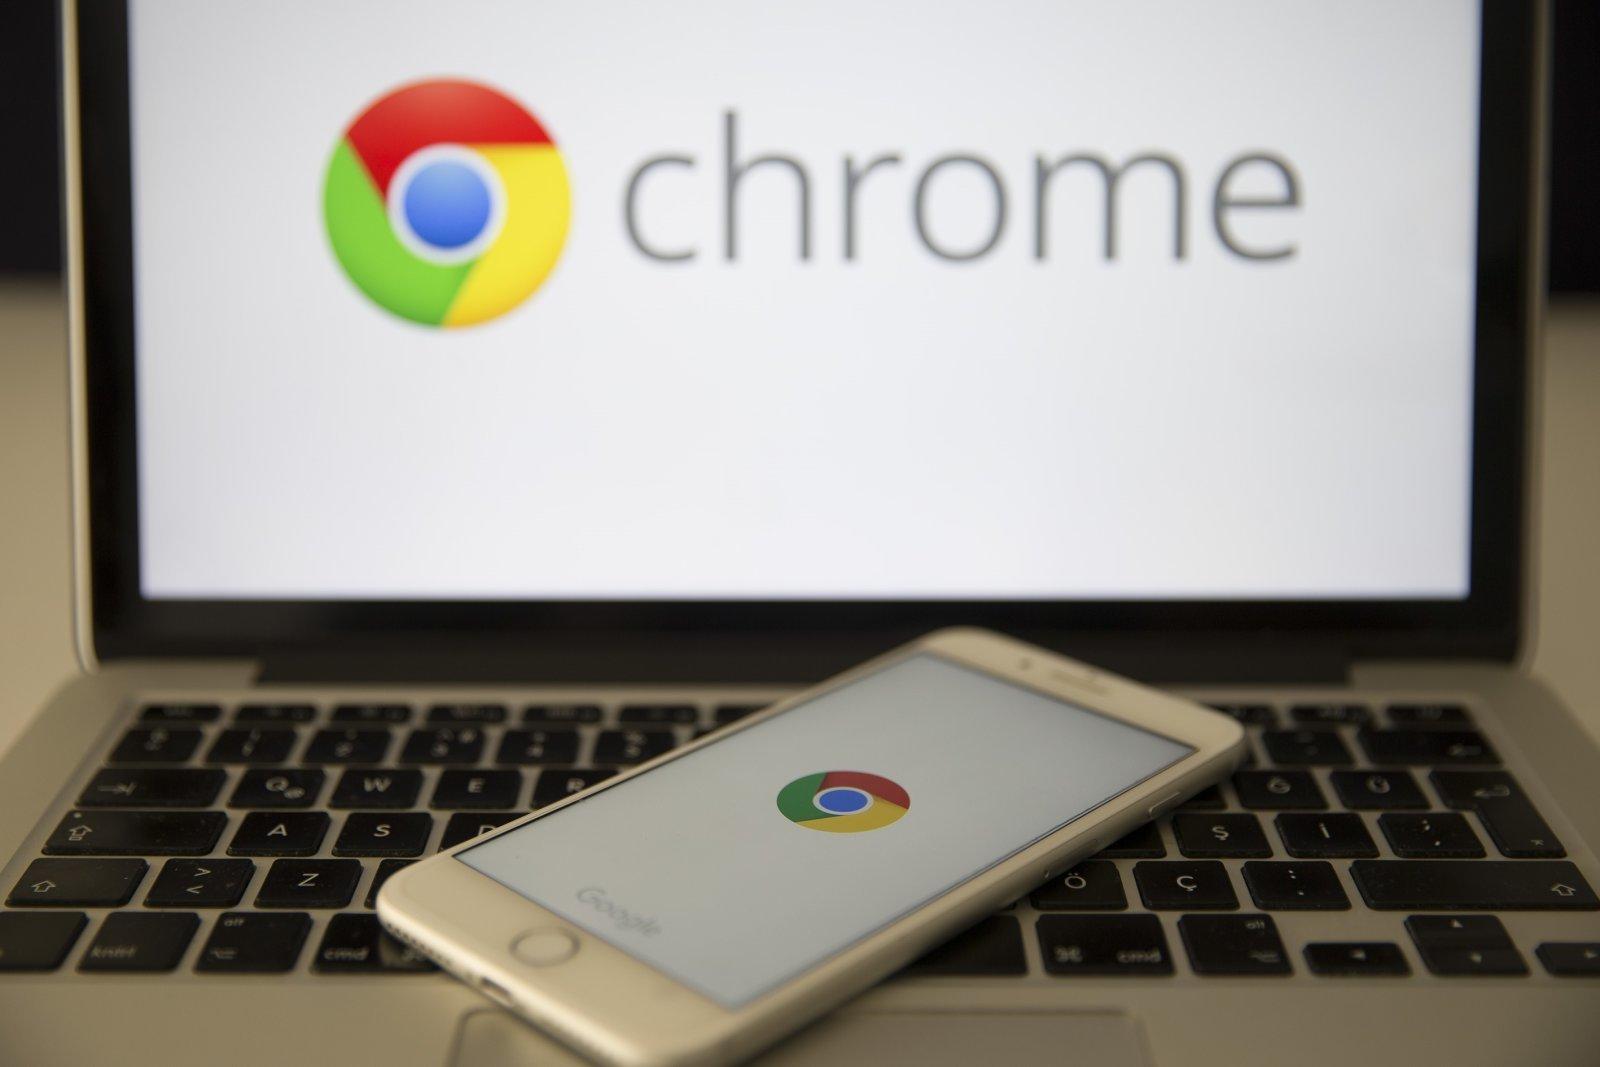 گوگل از کاربران کروم در برابر دانلودهای خطرناک و هکرها حفاظت میکند